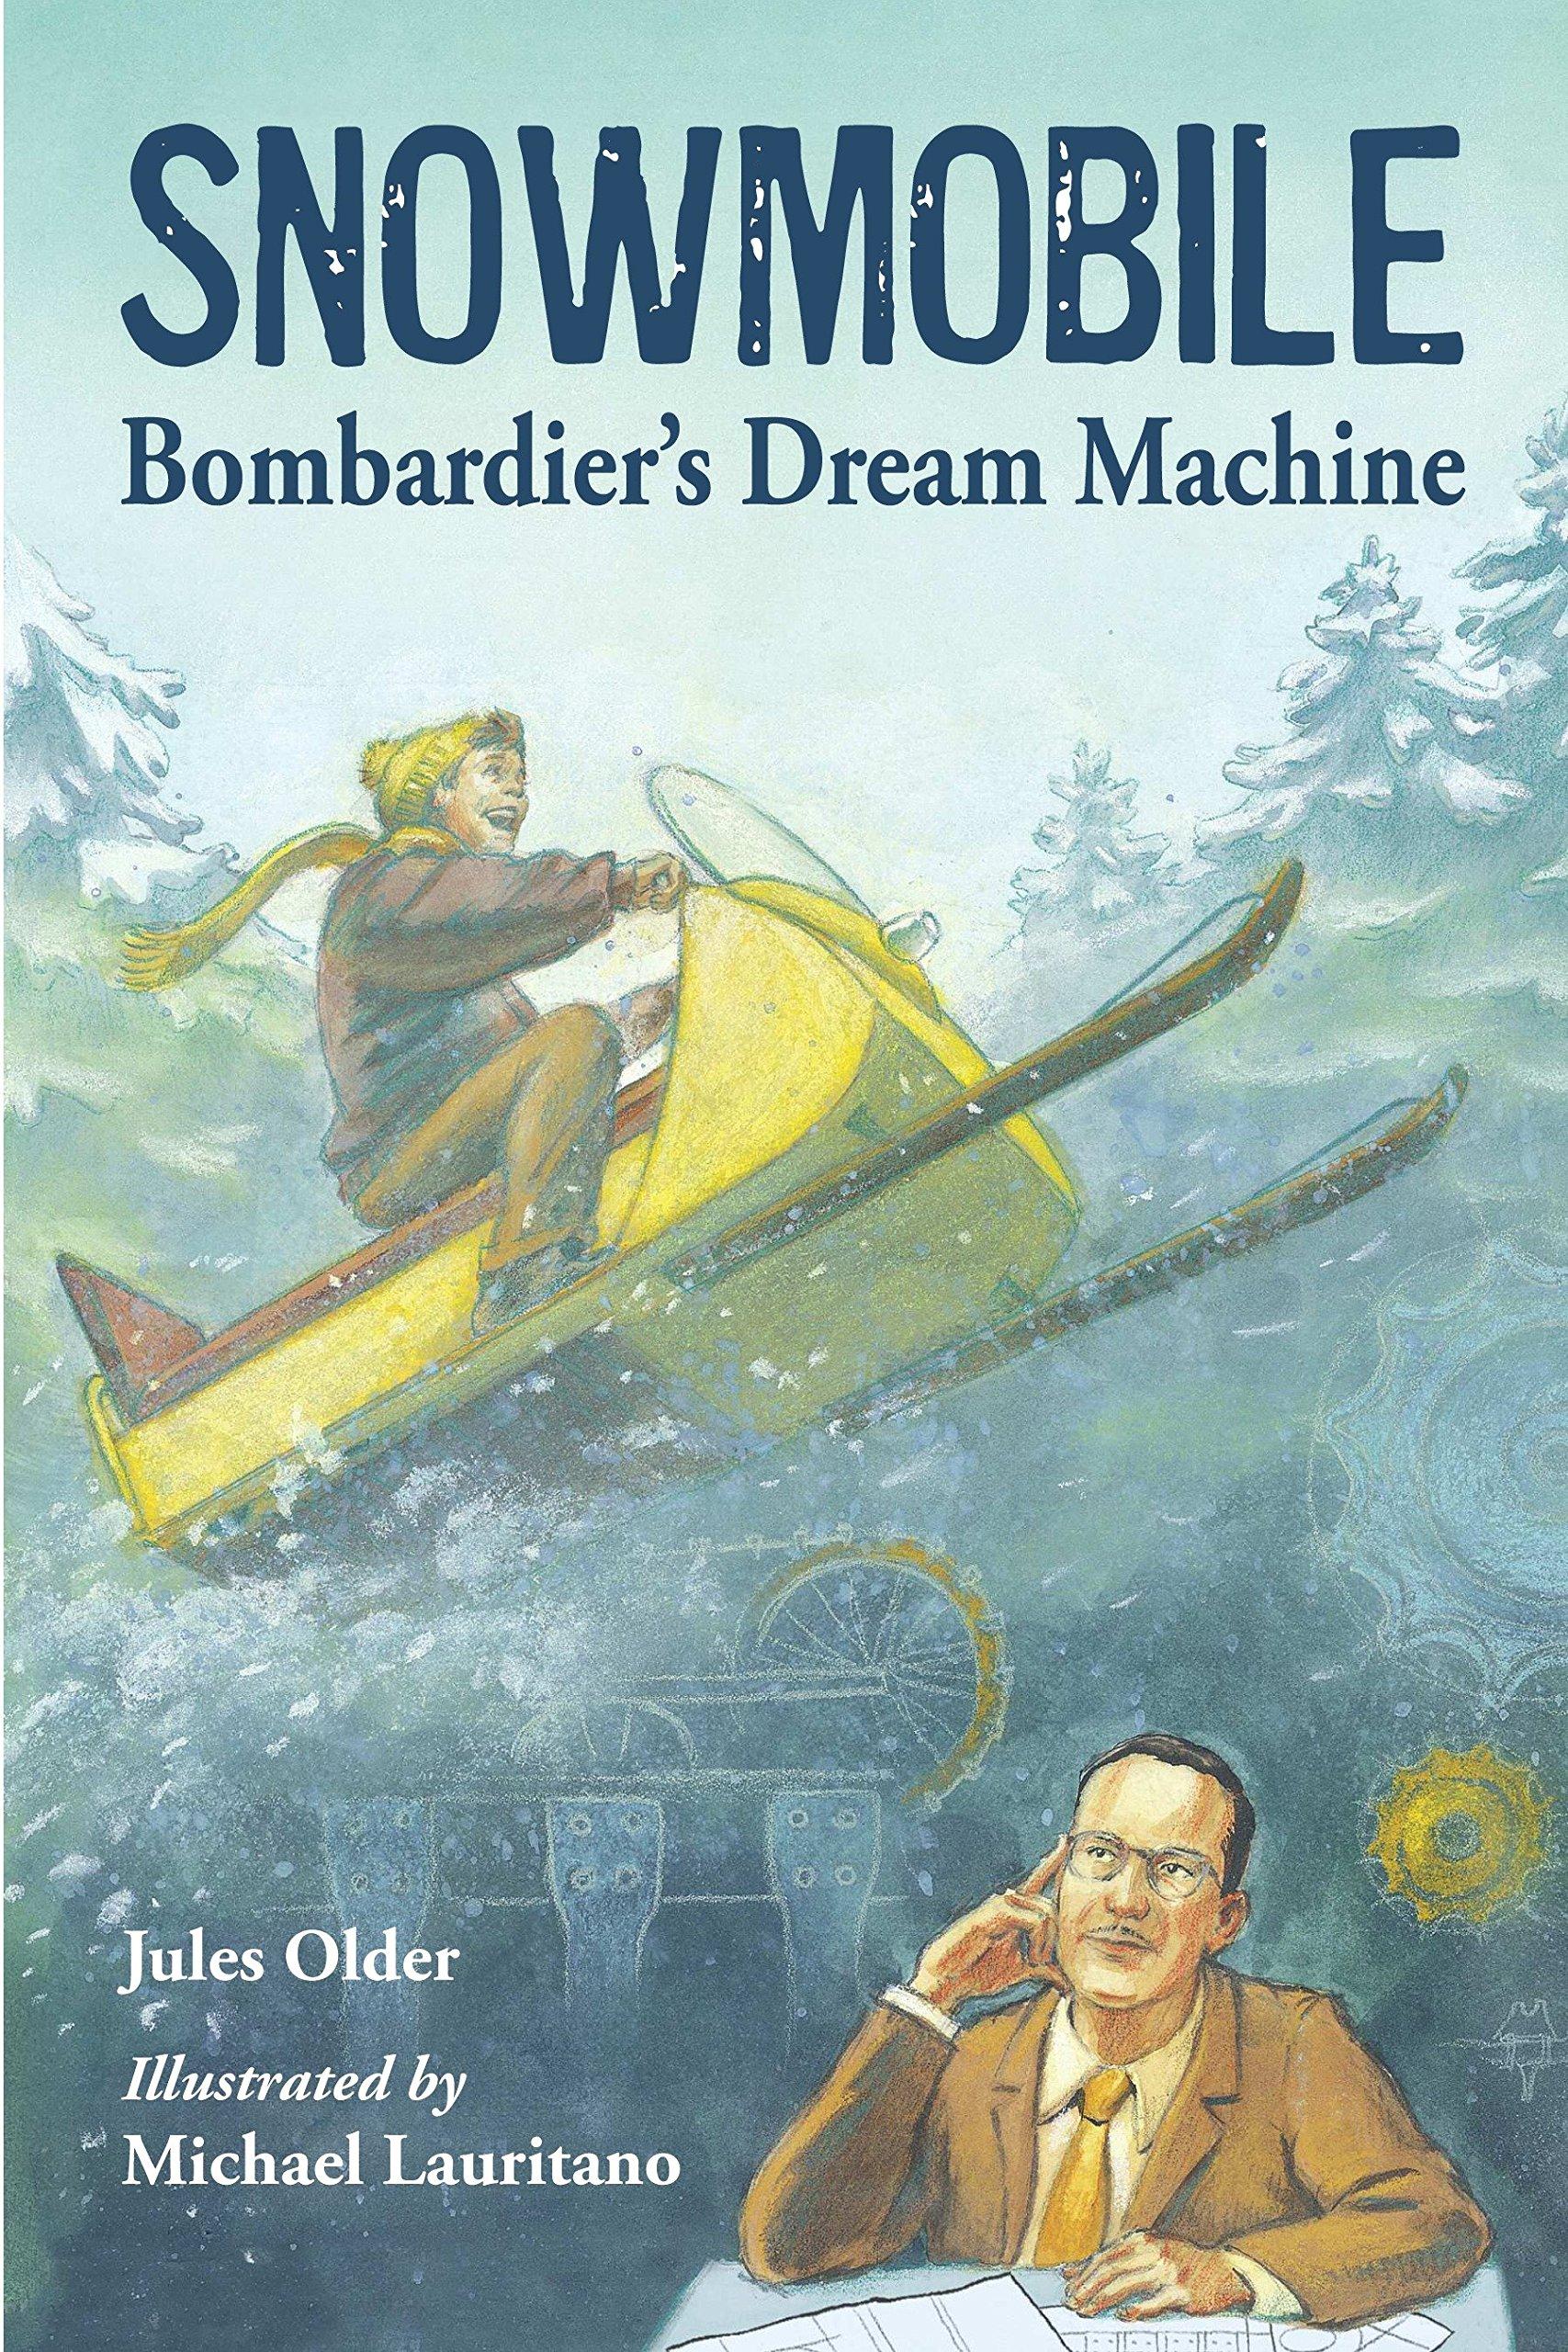 Snowmobile: Bombardier's Dream Machine